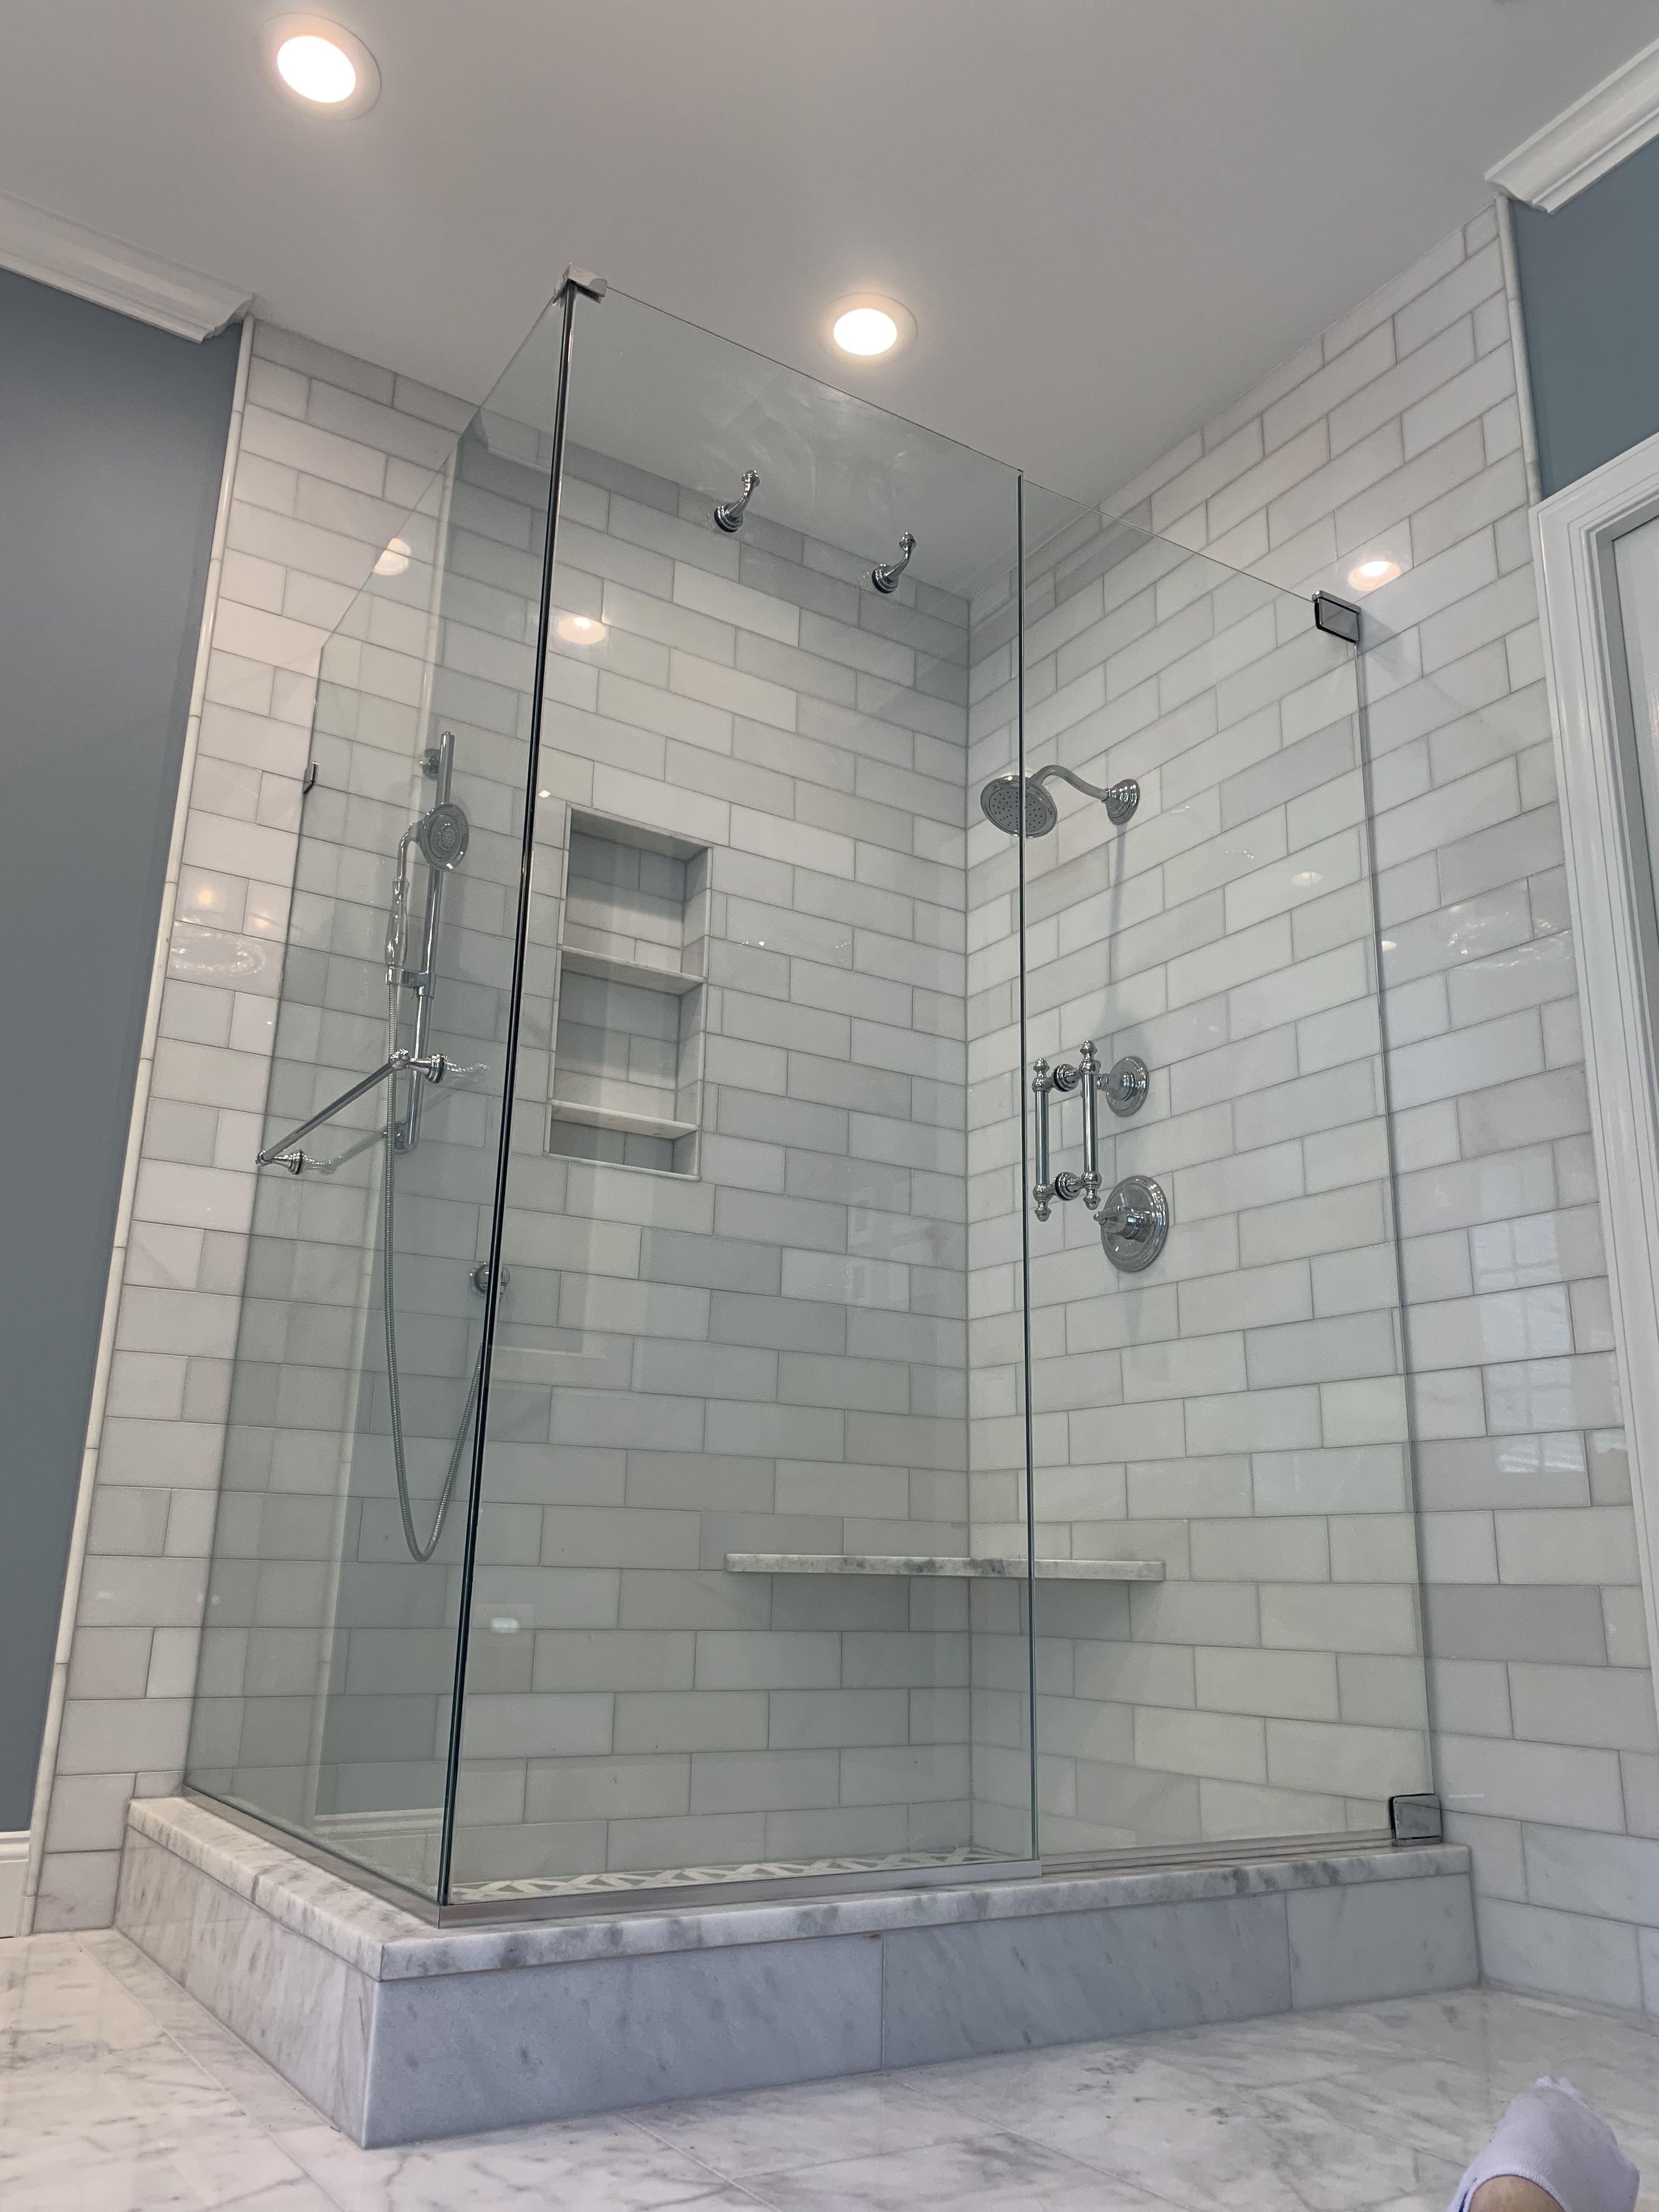 Bathroom Remodeling South Windsor